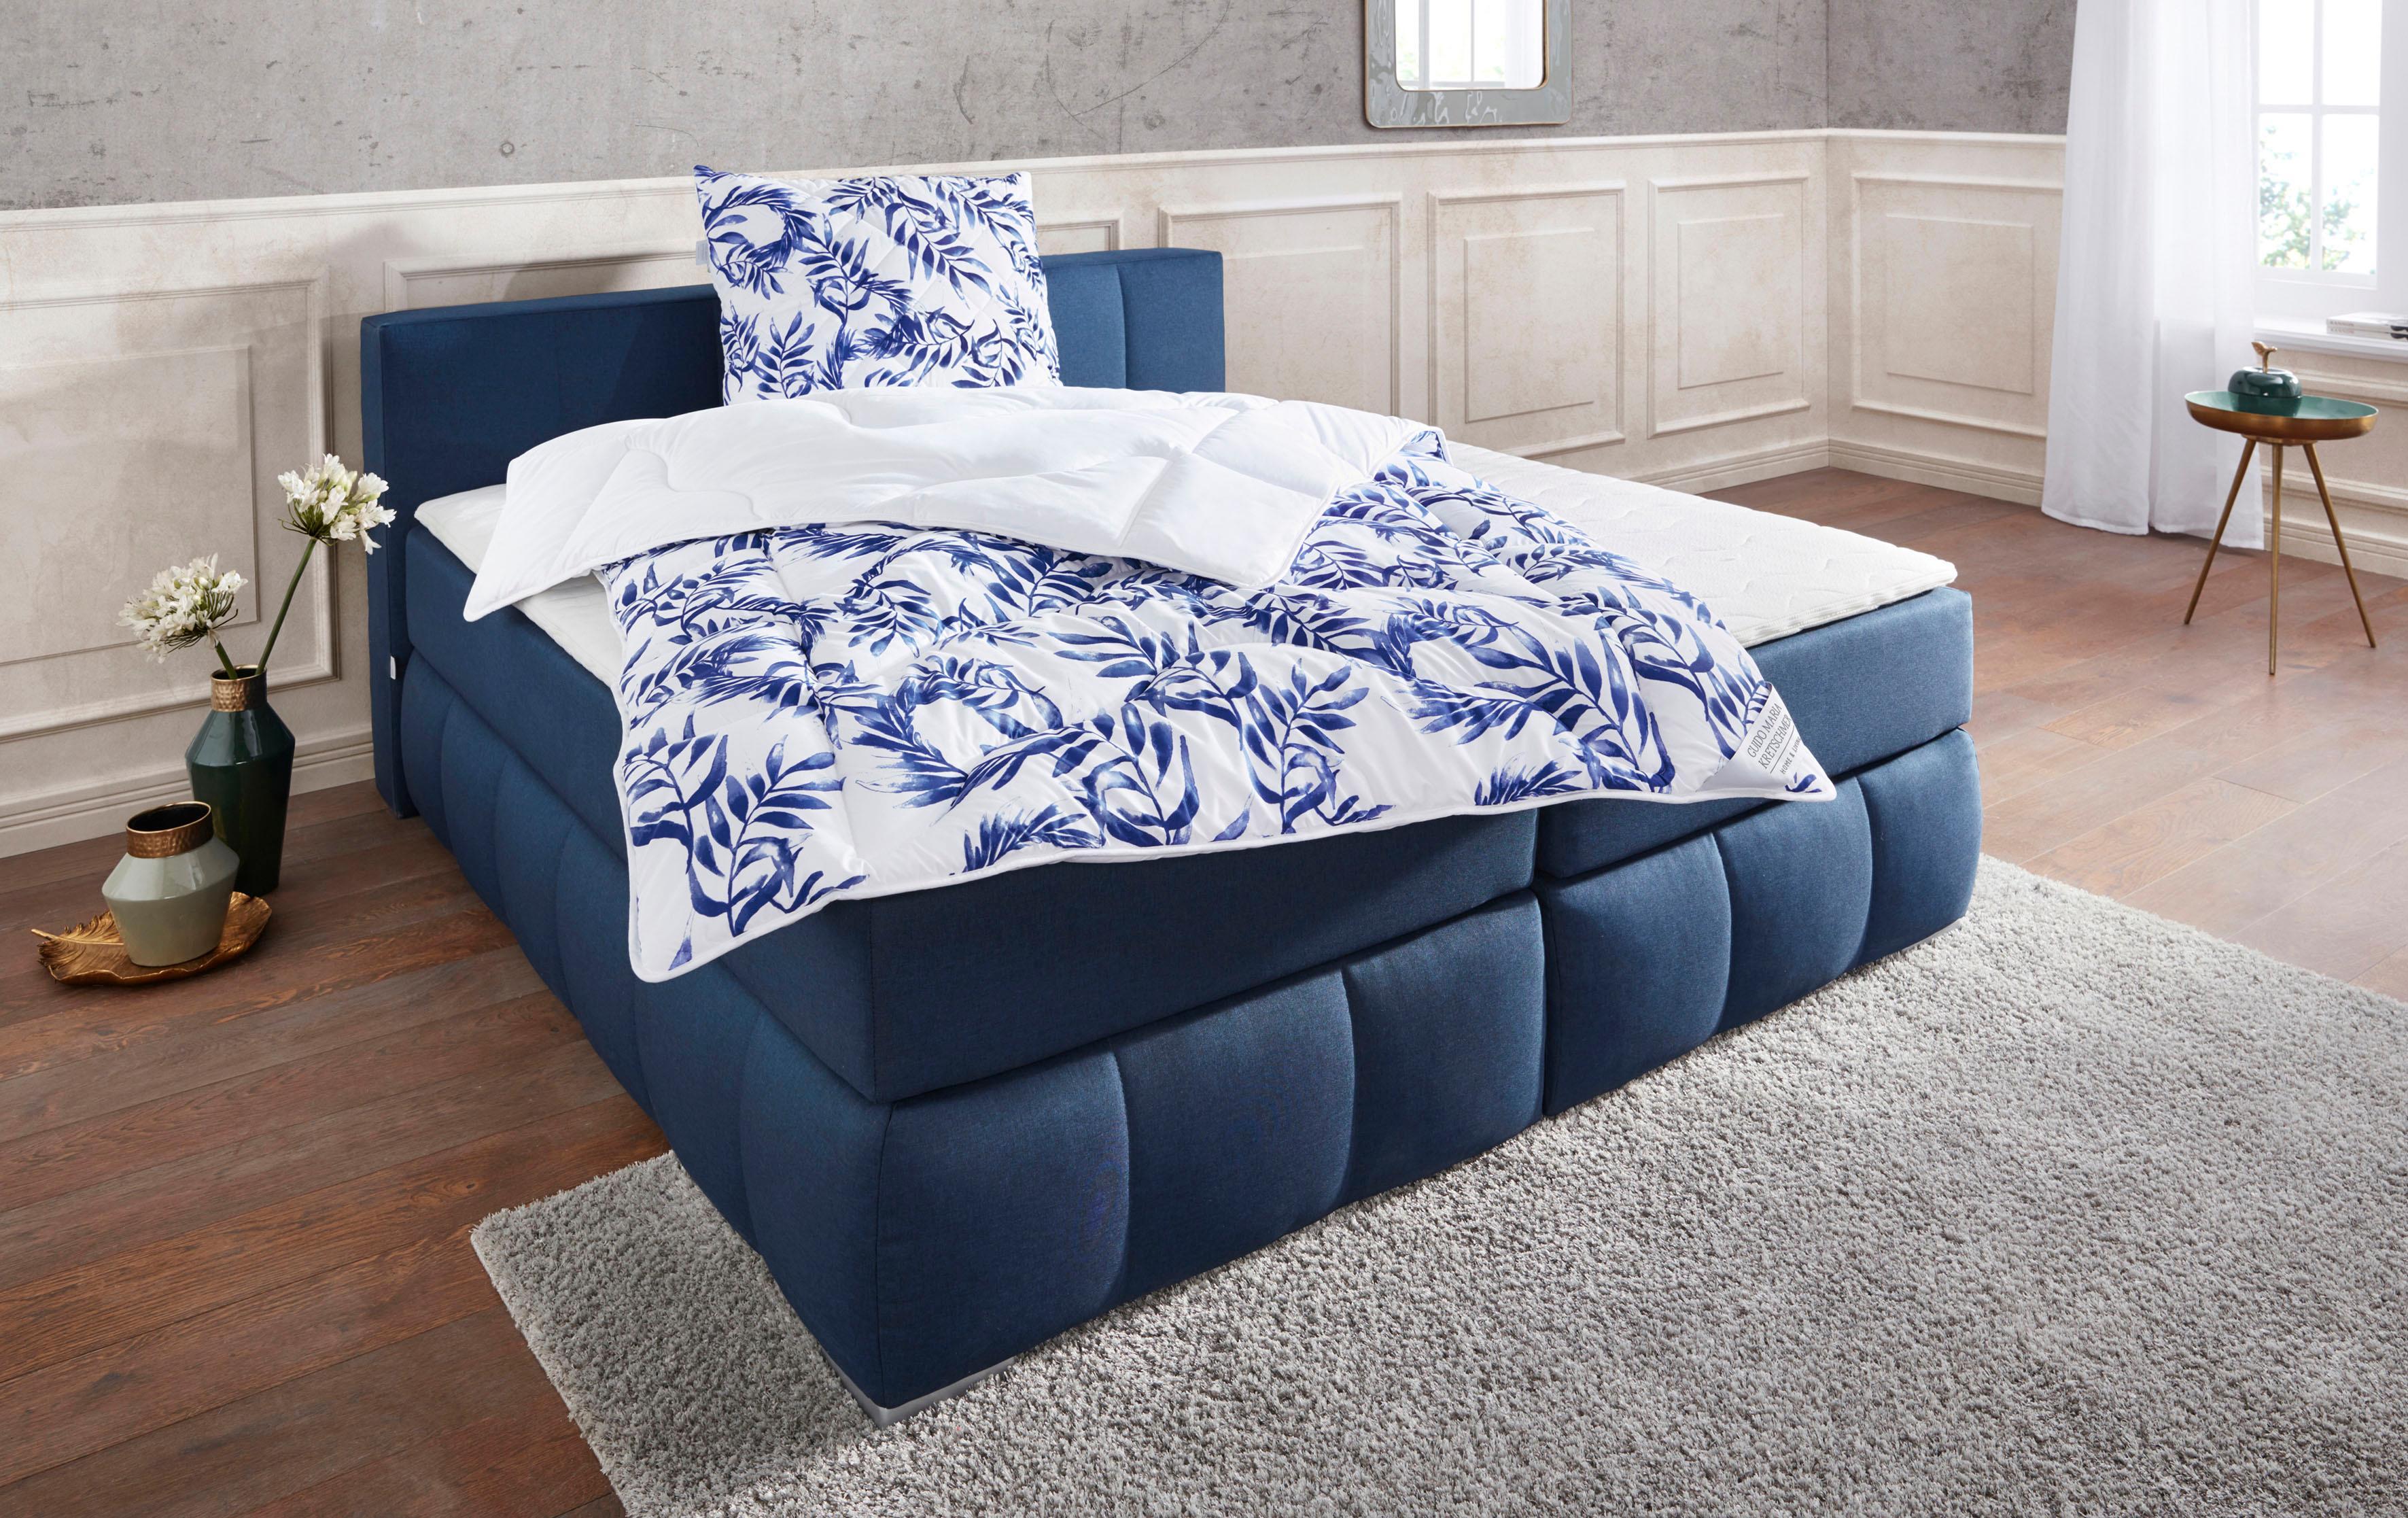 Bettdecke + Kopfkissen Blue leaves Guido Maria Kretschmer Home&Living warm